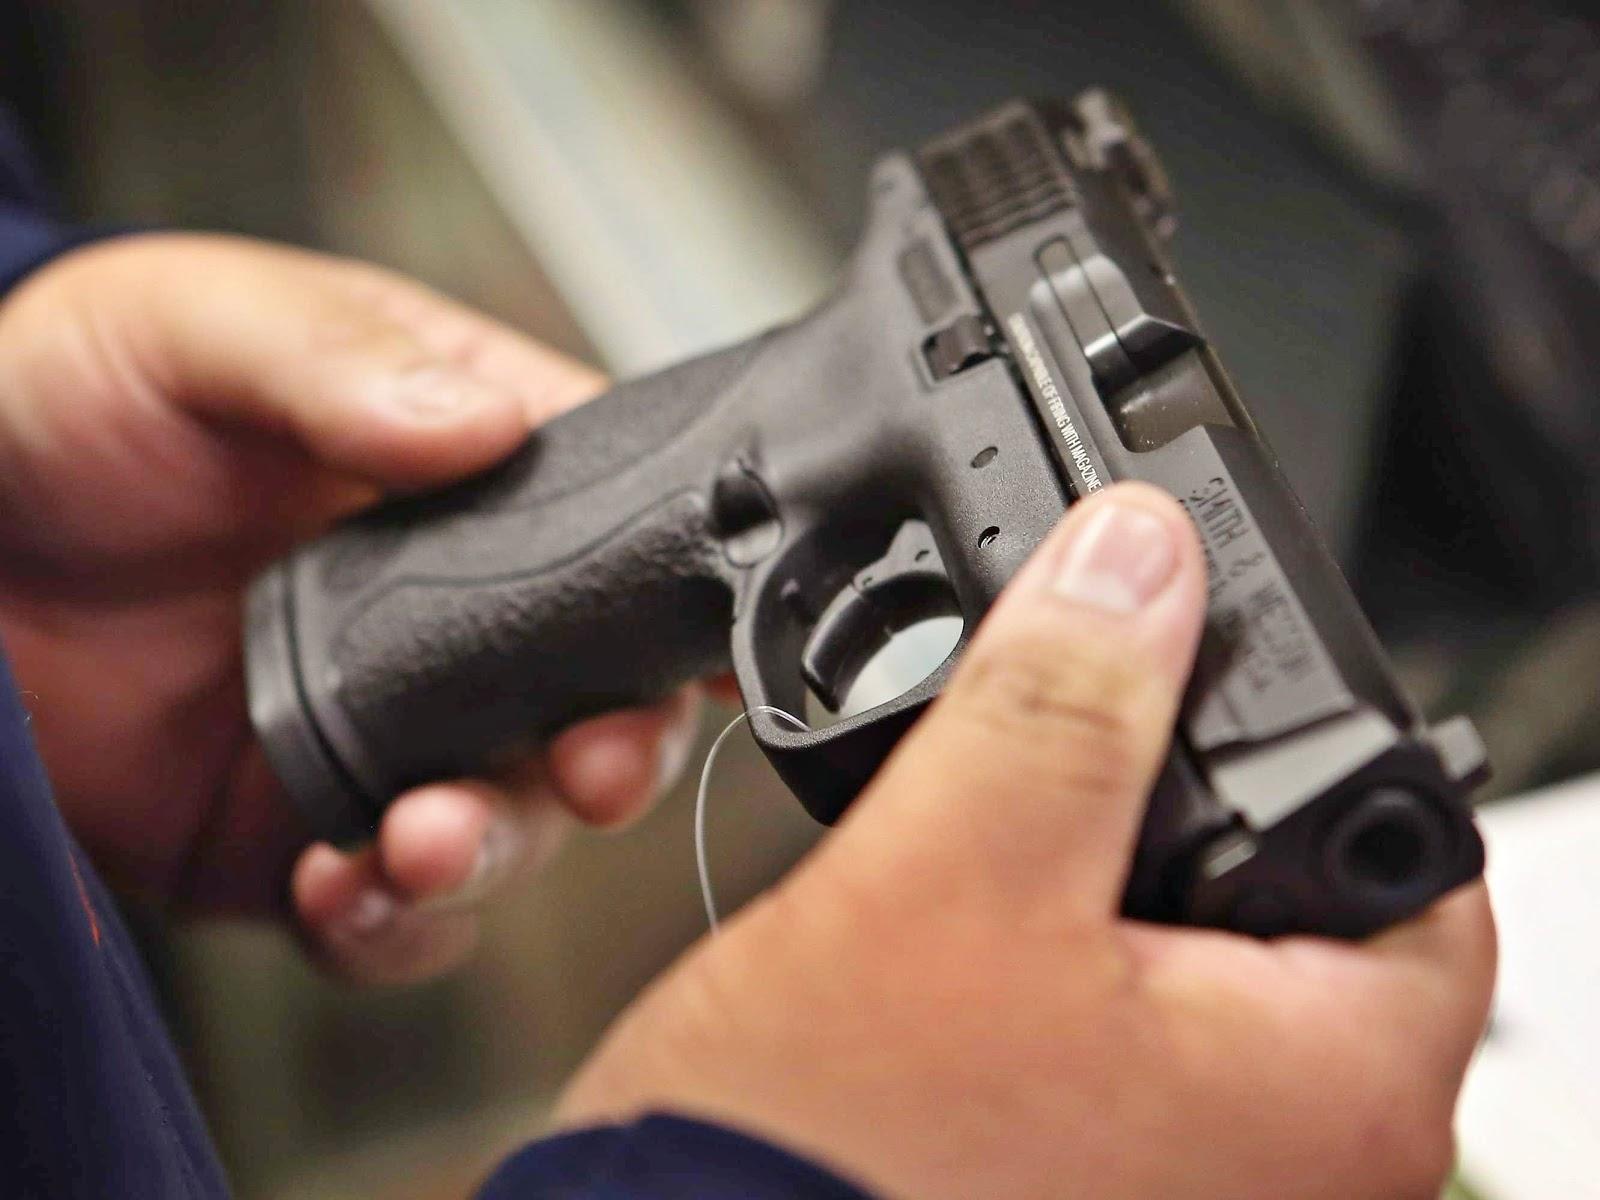 Rio recebe 27 mil pistolas com recursos da intervenção federal